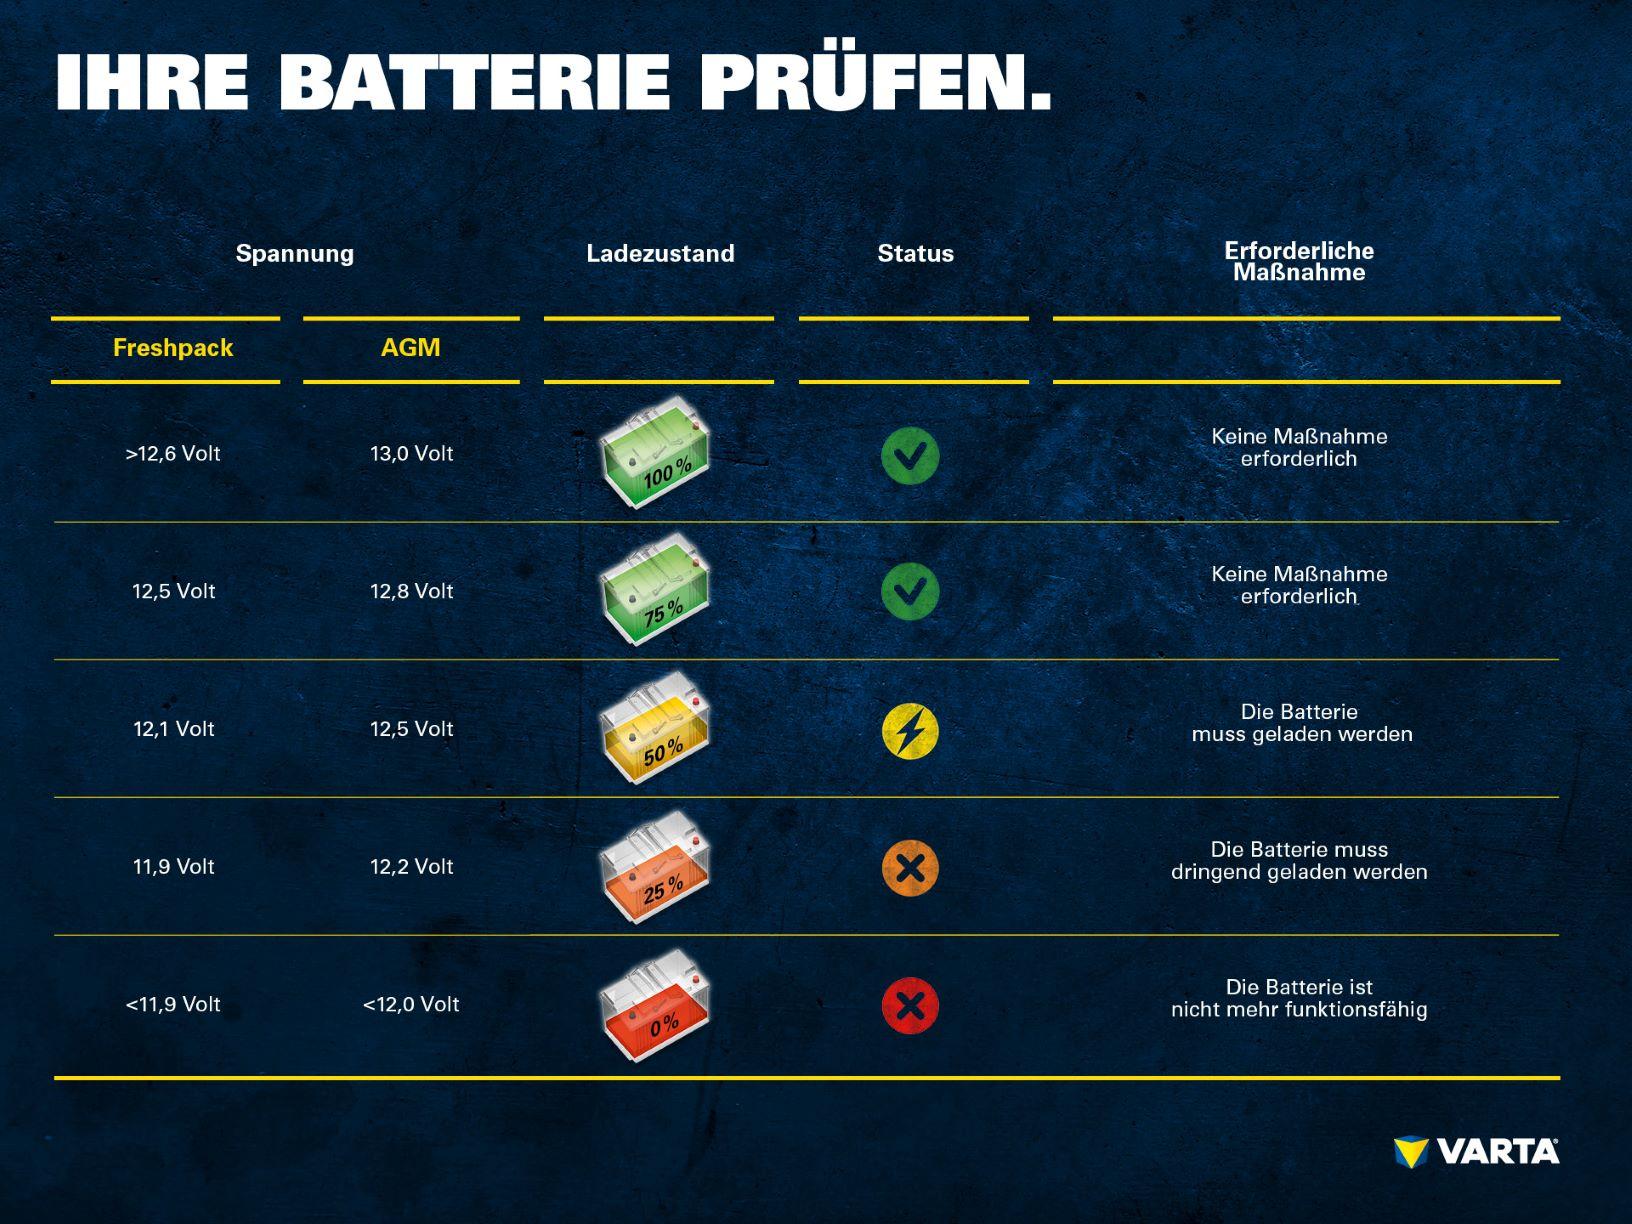 Batterie aufladen